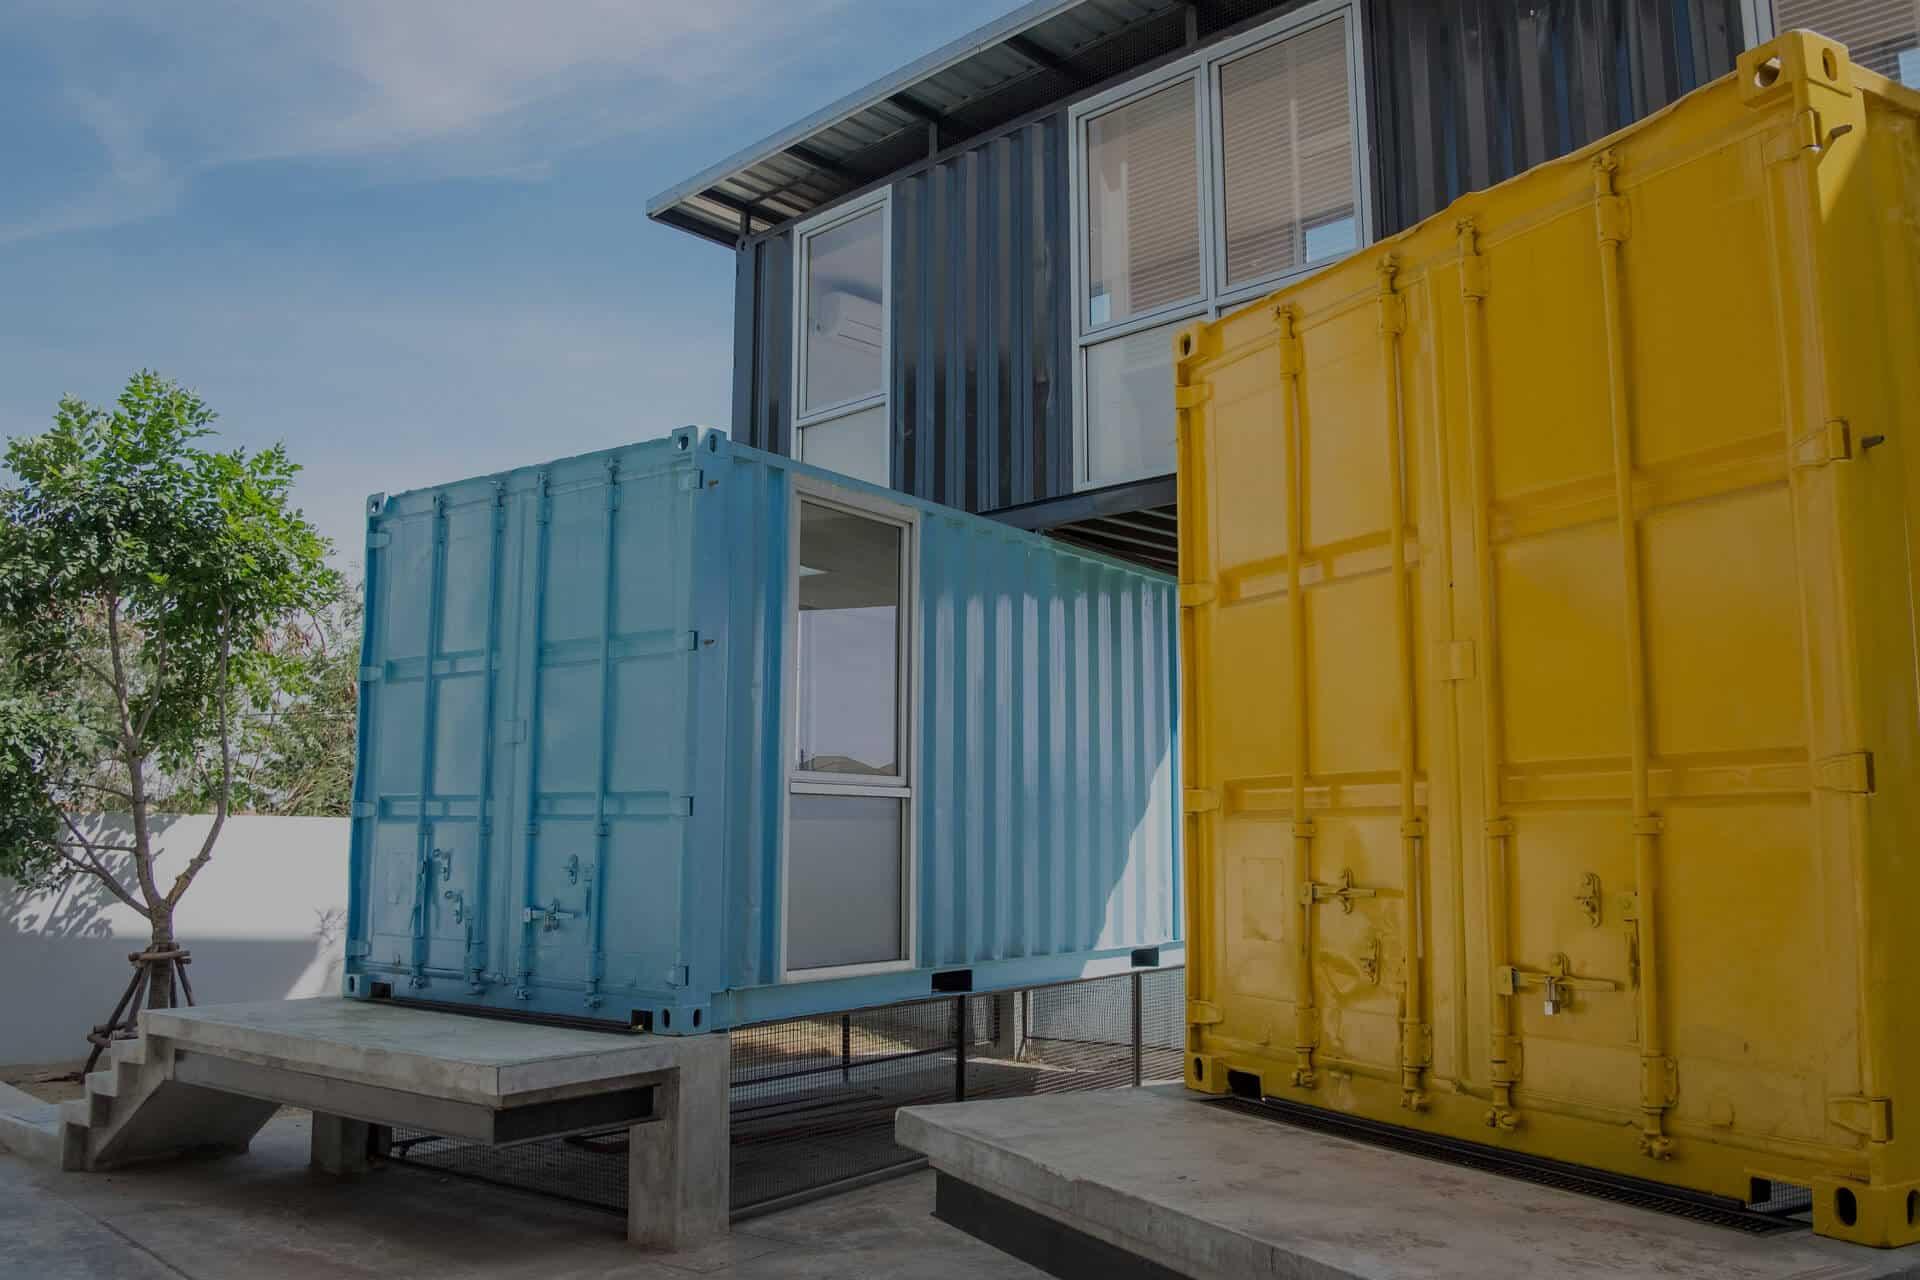 Shipping/Storage Container Modifications U0026 Customization | Ku0026K International